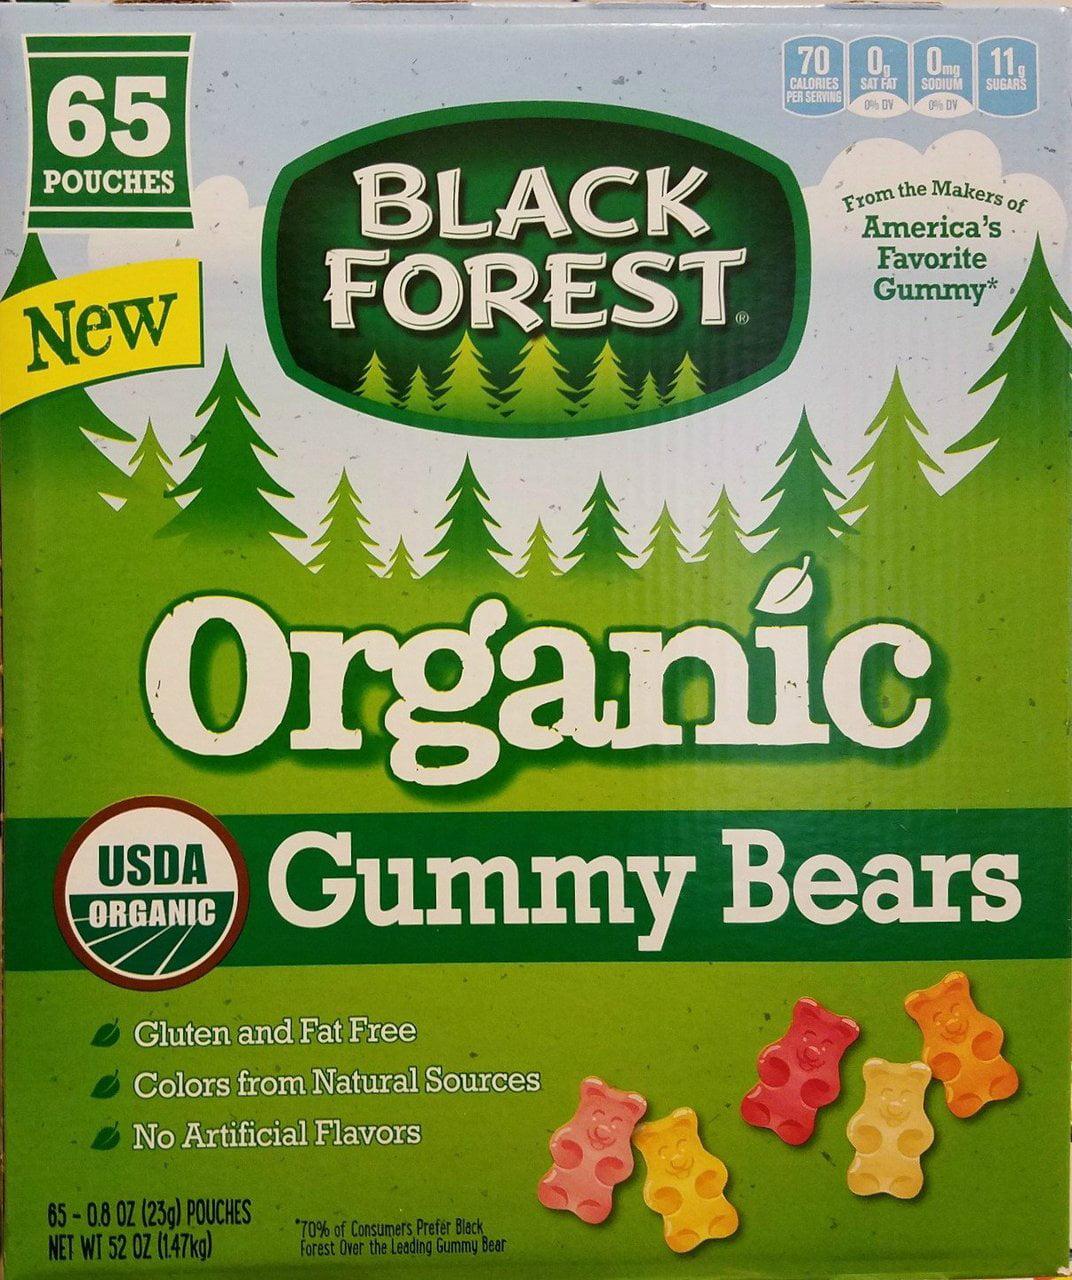 Black Forest Organic Gummy Bears, 0.8 oz, 65 Count by Ferrara Candy Company